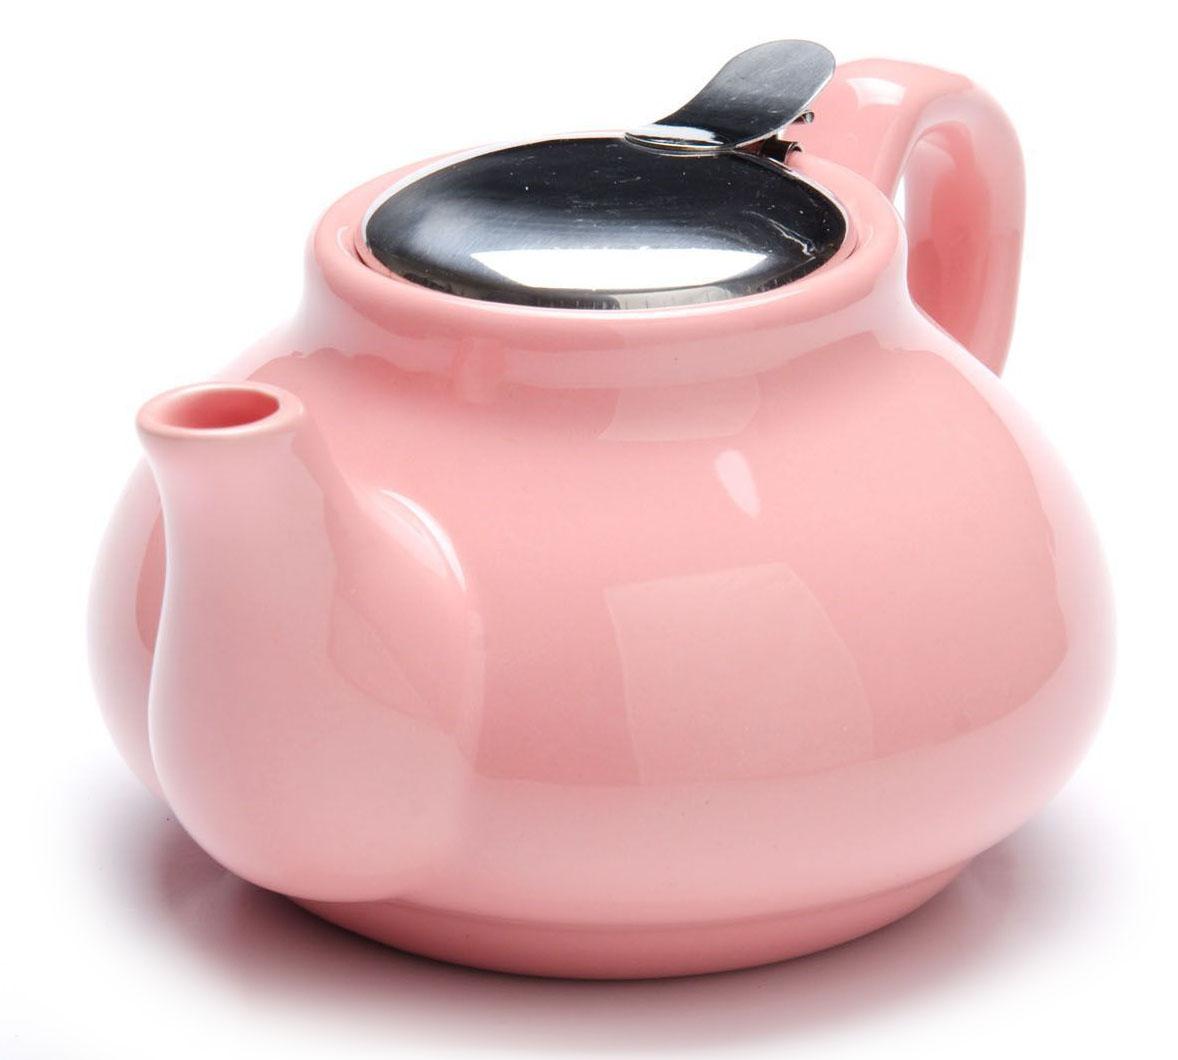 Заварочный чайник Loraine, цвет: розовый, 750 мл. 26594-326594-3Заварочный чайник выполнен из высококачественной цветной керамики. Фильтр, из нержавеющей стали, для заваривания раскроет букет чая и не позволит чаинкам попасть в чашку. Удобная металлическая крышка поддержит нужную температуру для заваривания чая. Керамический чайник прост и удобен в применении, чайник легко мыть. Не ставьте чайник на открытый огонь и нагревающиеся поверхности. Подходит для мытья в посудомоечной машине.